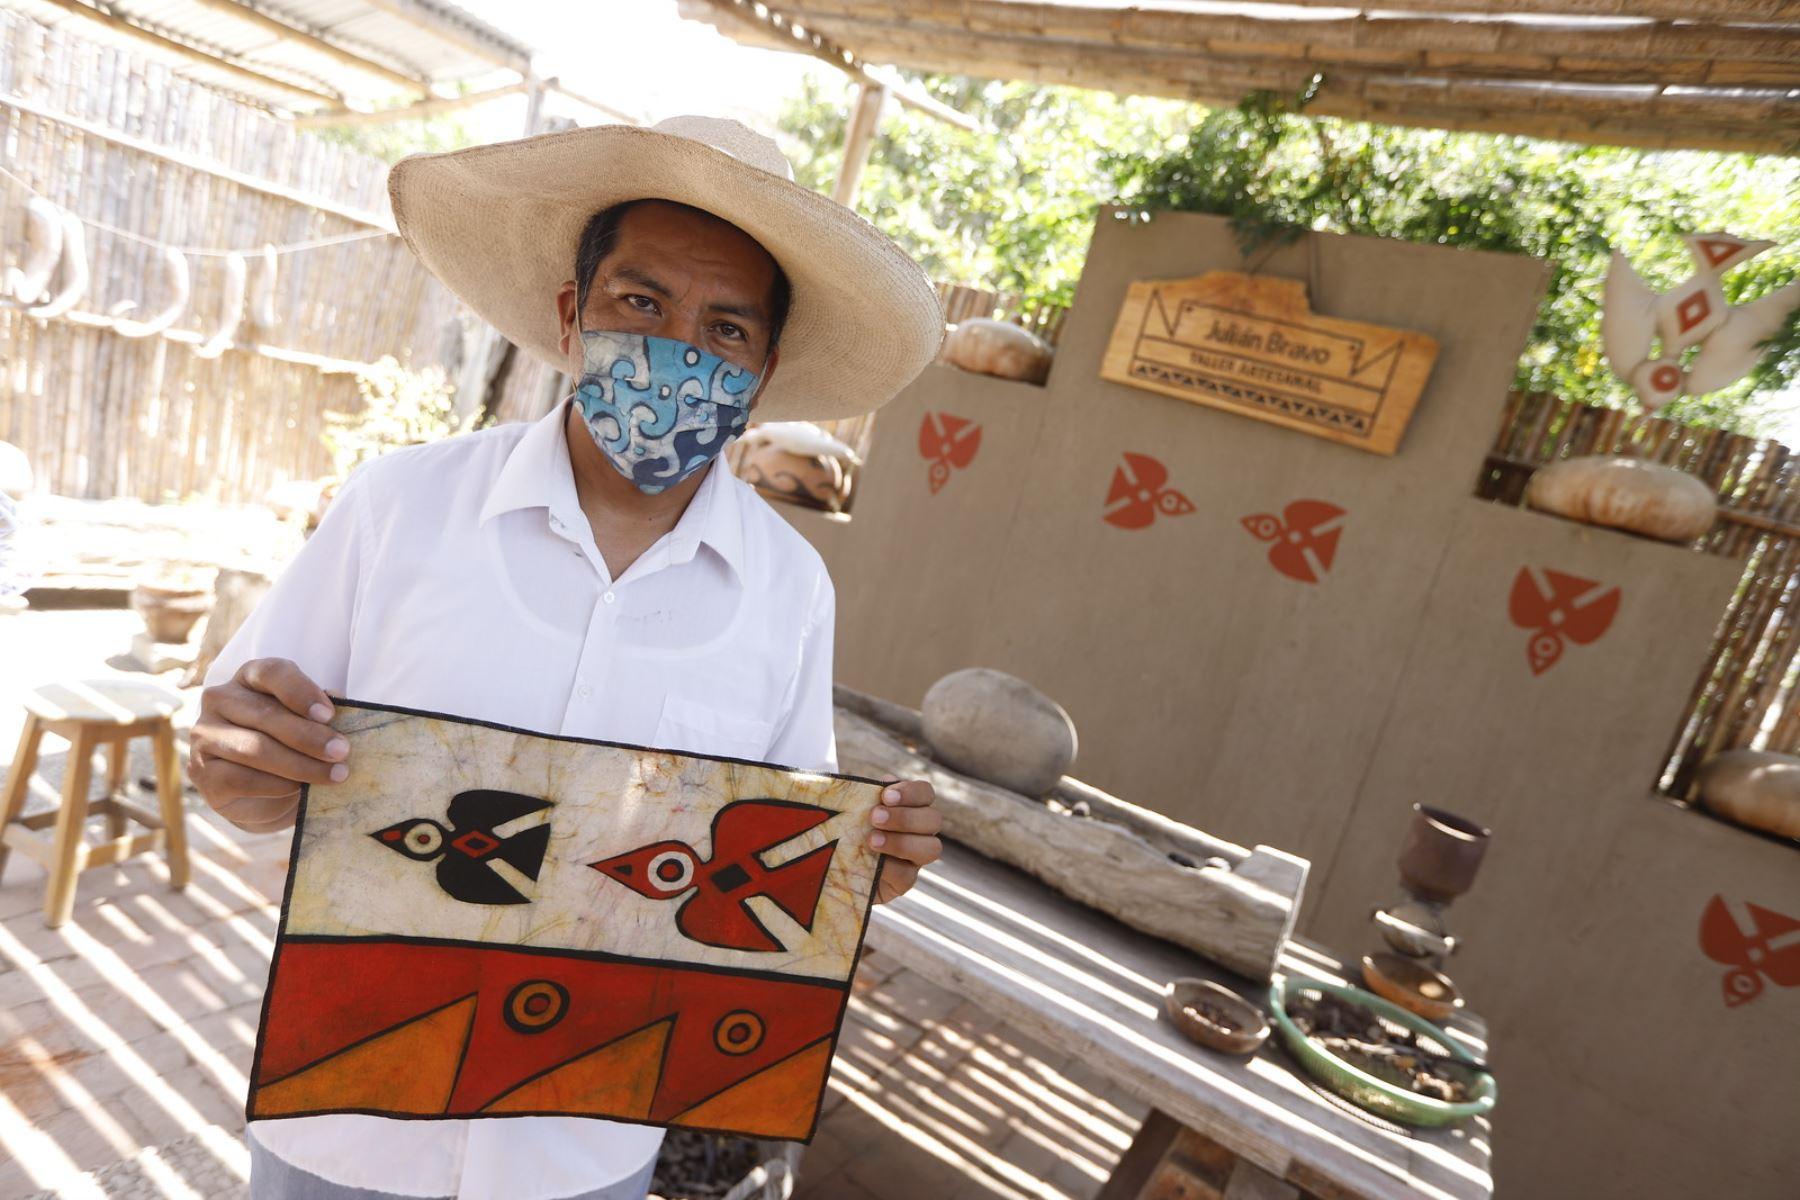 Ministra de Comercio Exterior Roció Barrios, realizo visita de trabajo a la Huaca Túcume en Lambayeque. Foto: ANDINA/ Mincetur